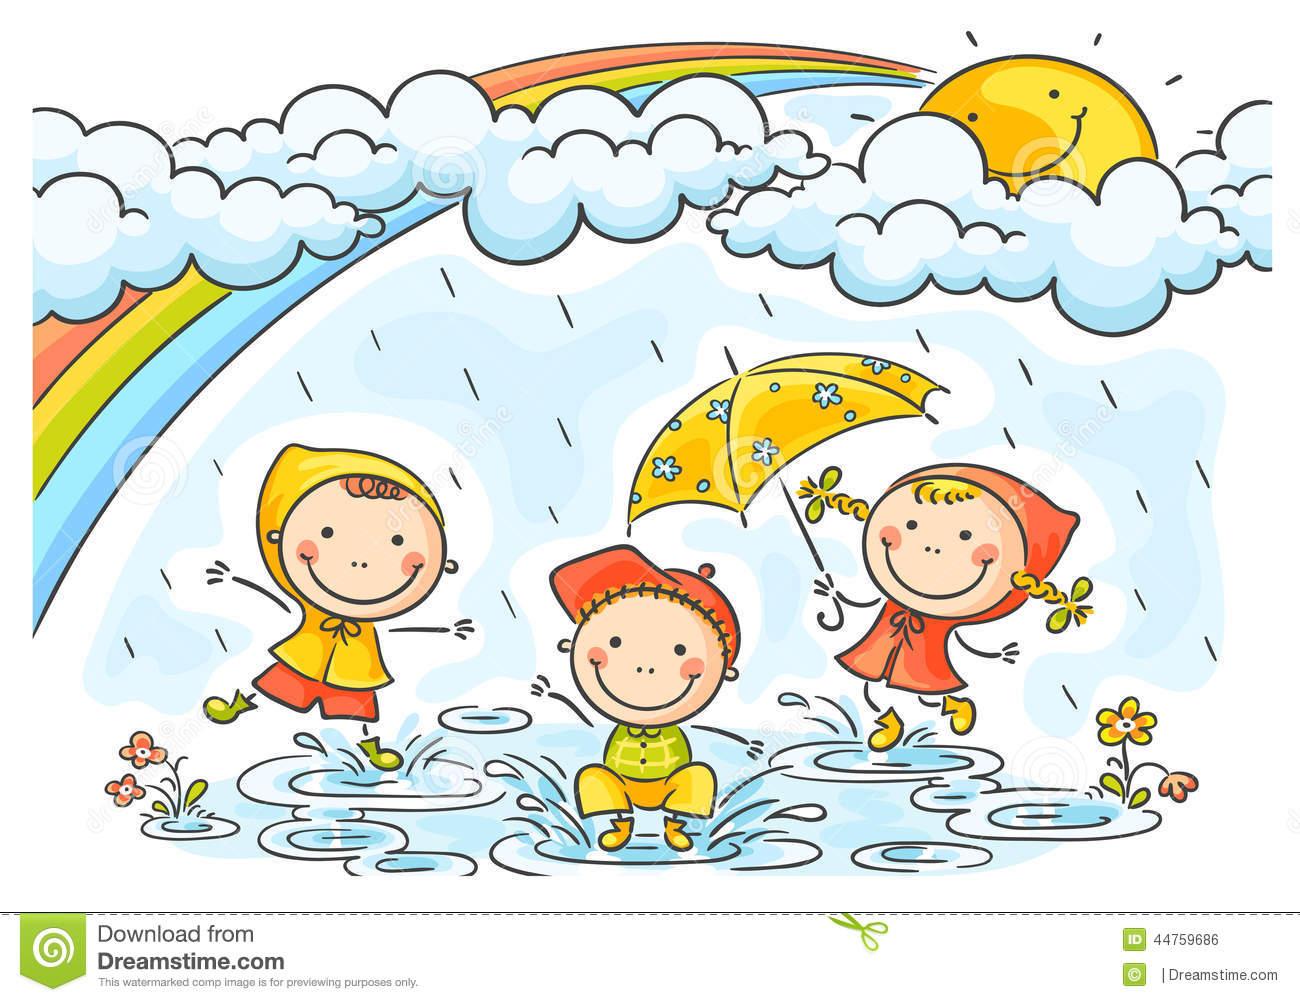 Rainy season clipart.